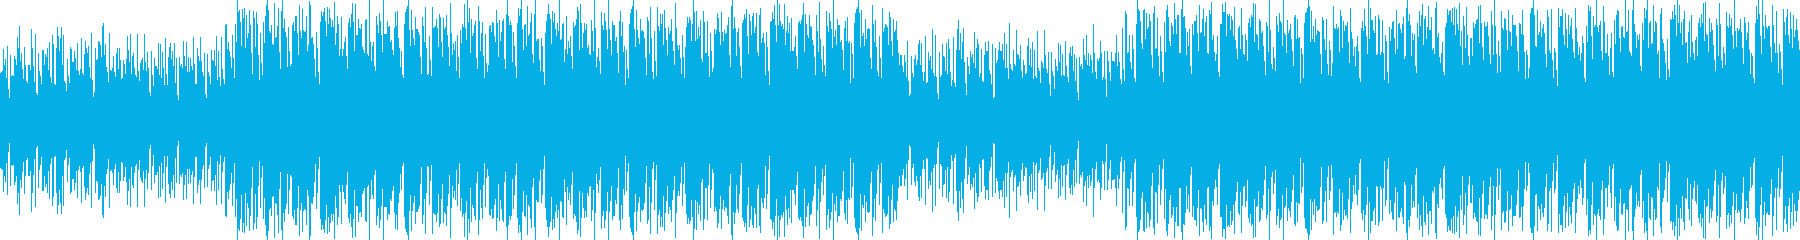 スタイリッシュな和風ミュージックの再生済みの波形